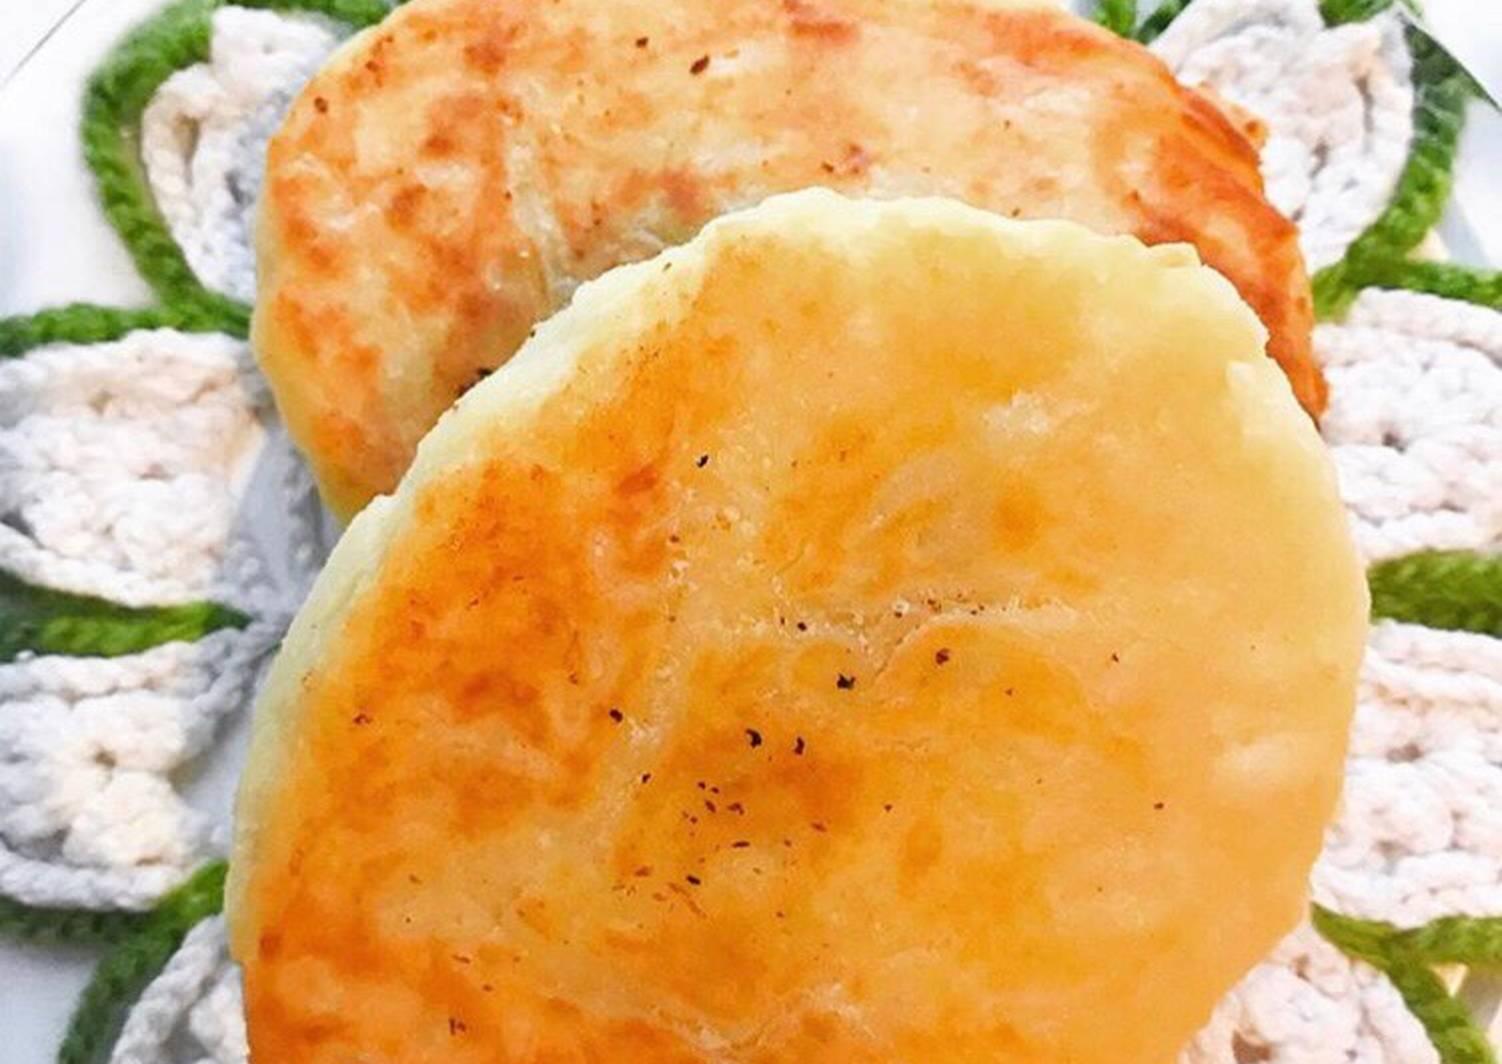 картофельные зразы пошаговый рецепт с фото профессора